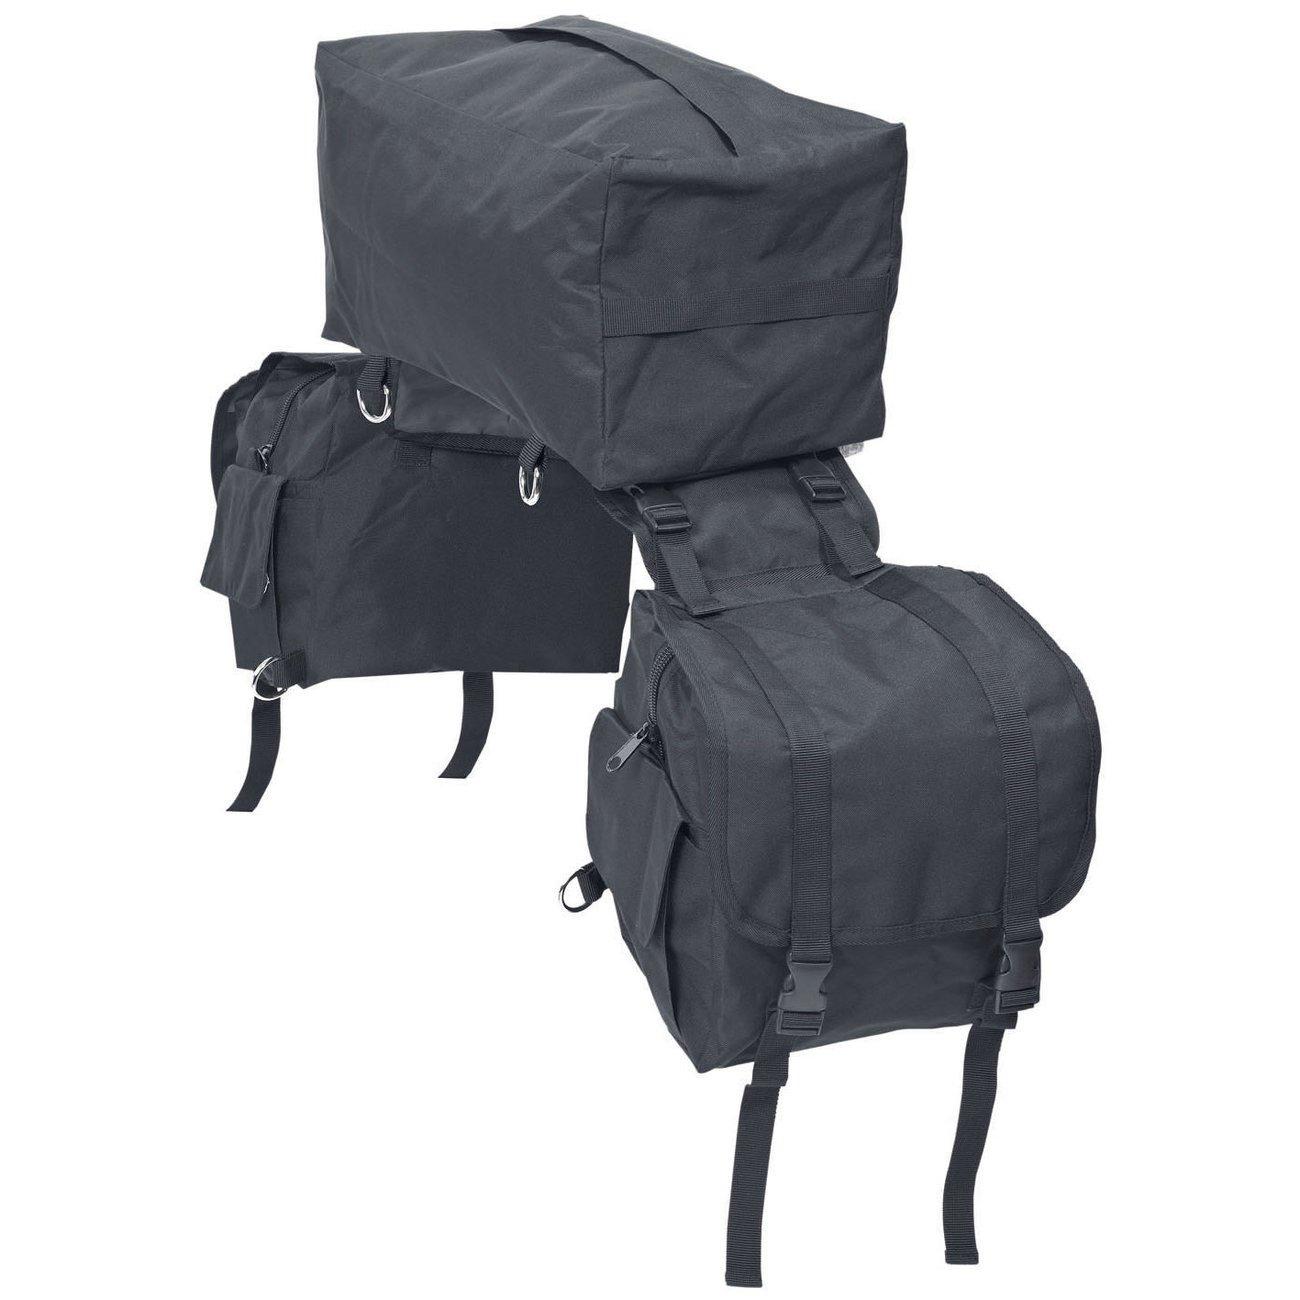 WILDHORN Satteltasche Packtasche 3-in-1